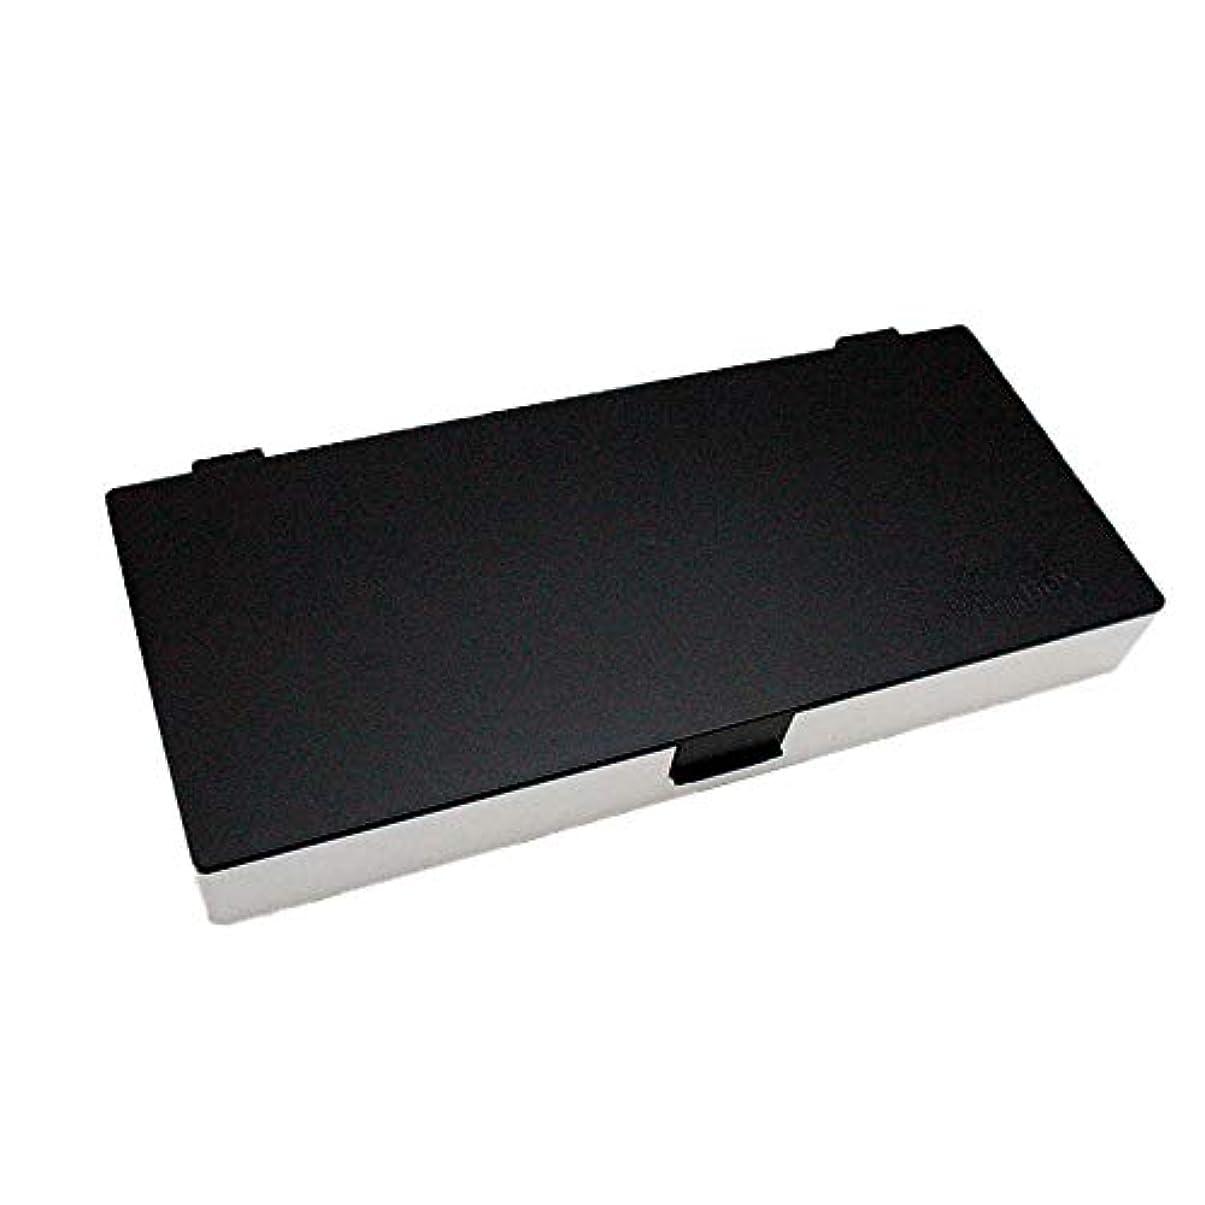 水曜日成熟疎外するアップスタイリングシステムボックス (白黒) ノンスリップ ヘアピン ケース コスメボックス メイクボックス メークボックス メイクケース メークケース